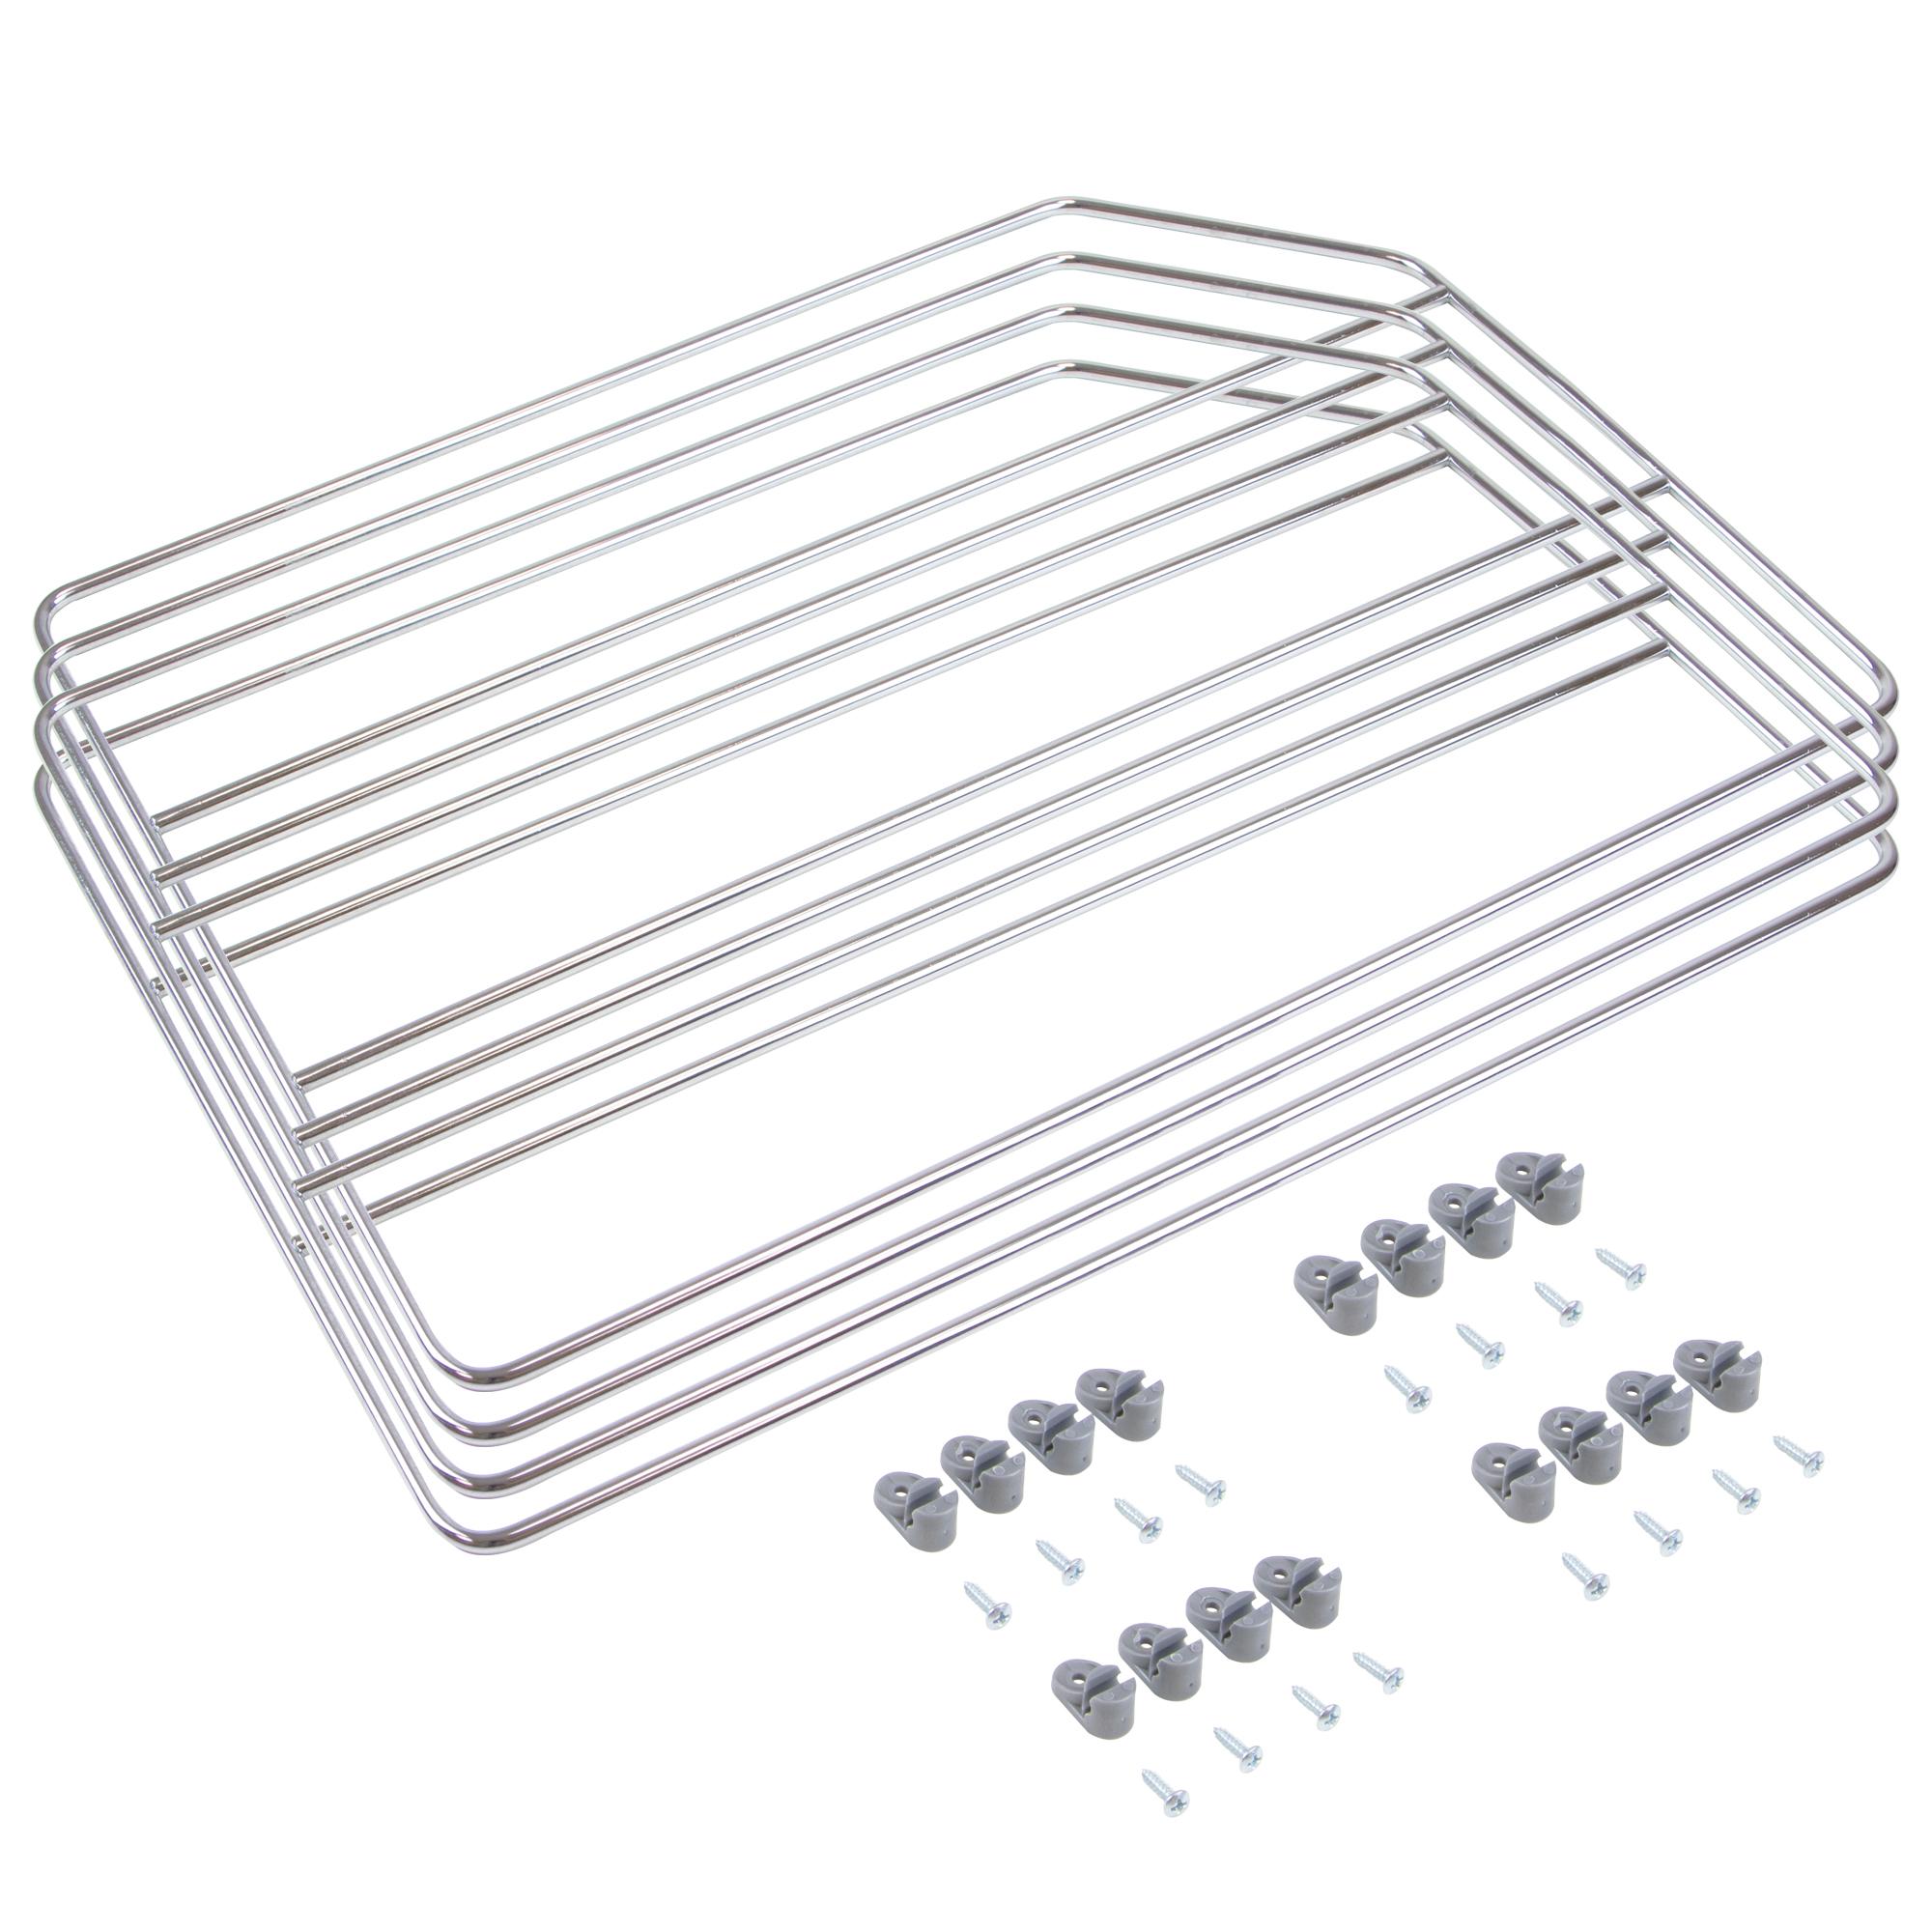 Emuca Kit di separatori per armadi ei pensili della cucina, 4 unità, acciaio cromato.